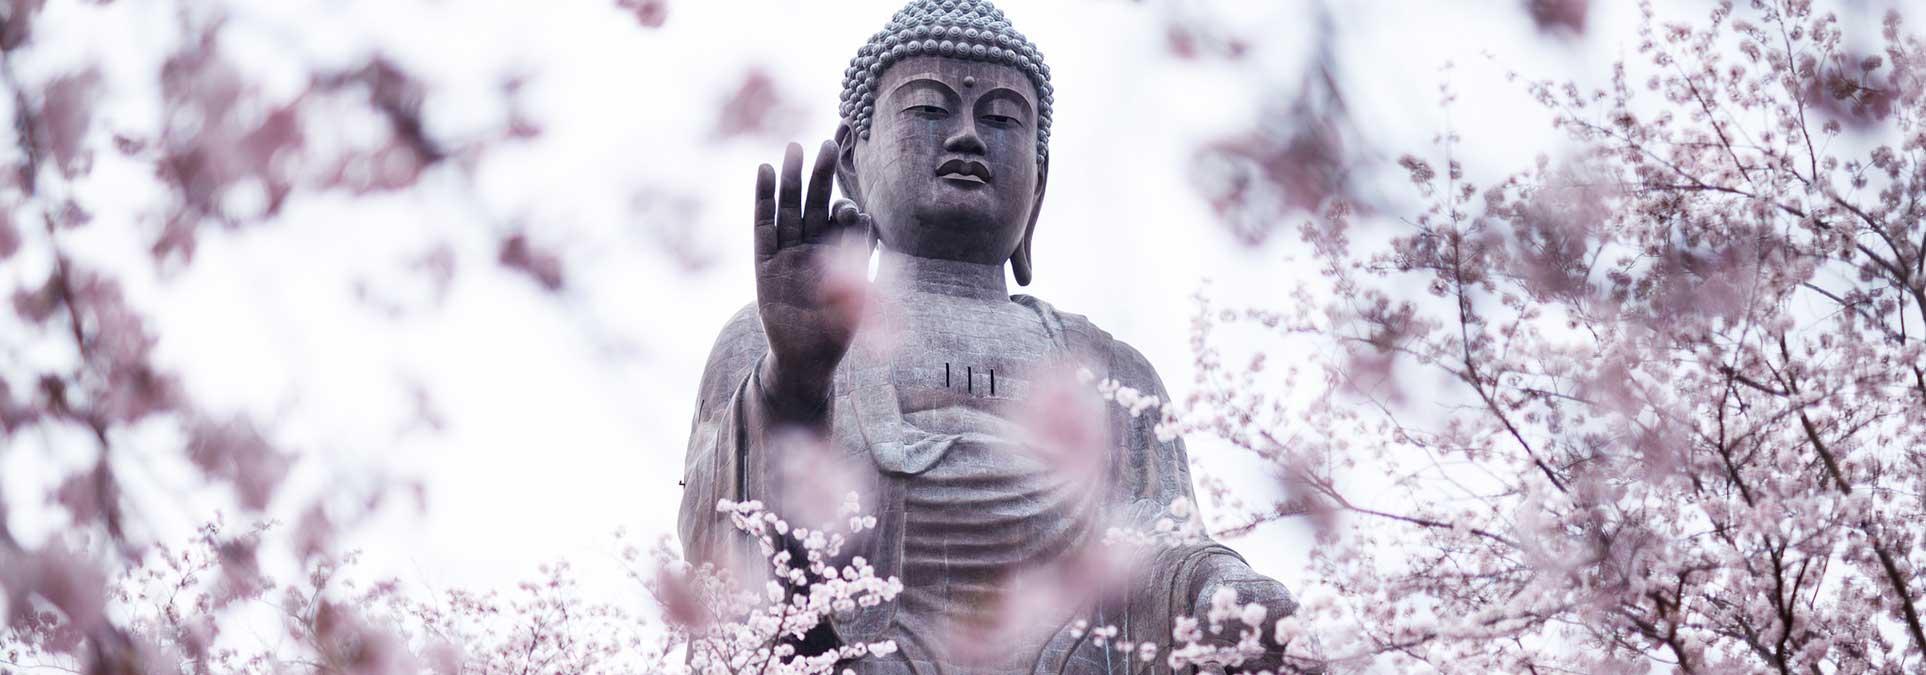 Oude Levenslessen Van Boeddha Hét Zingevingsplatform Met